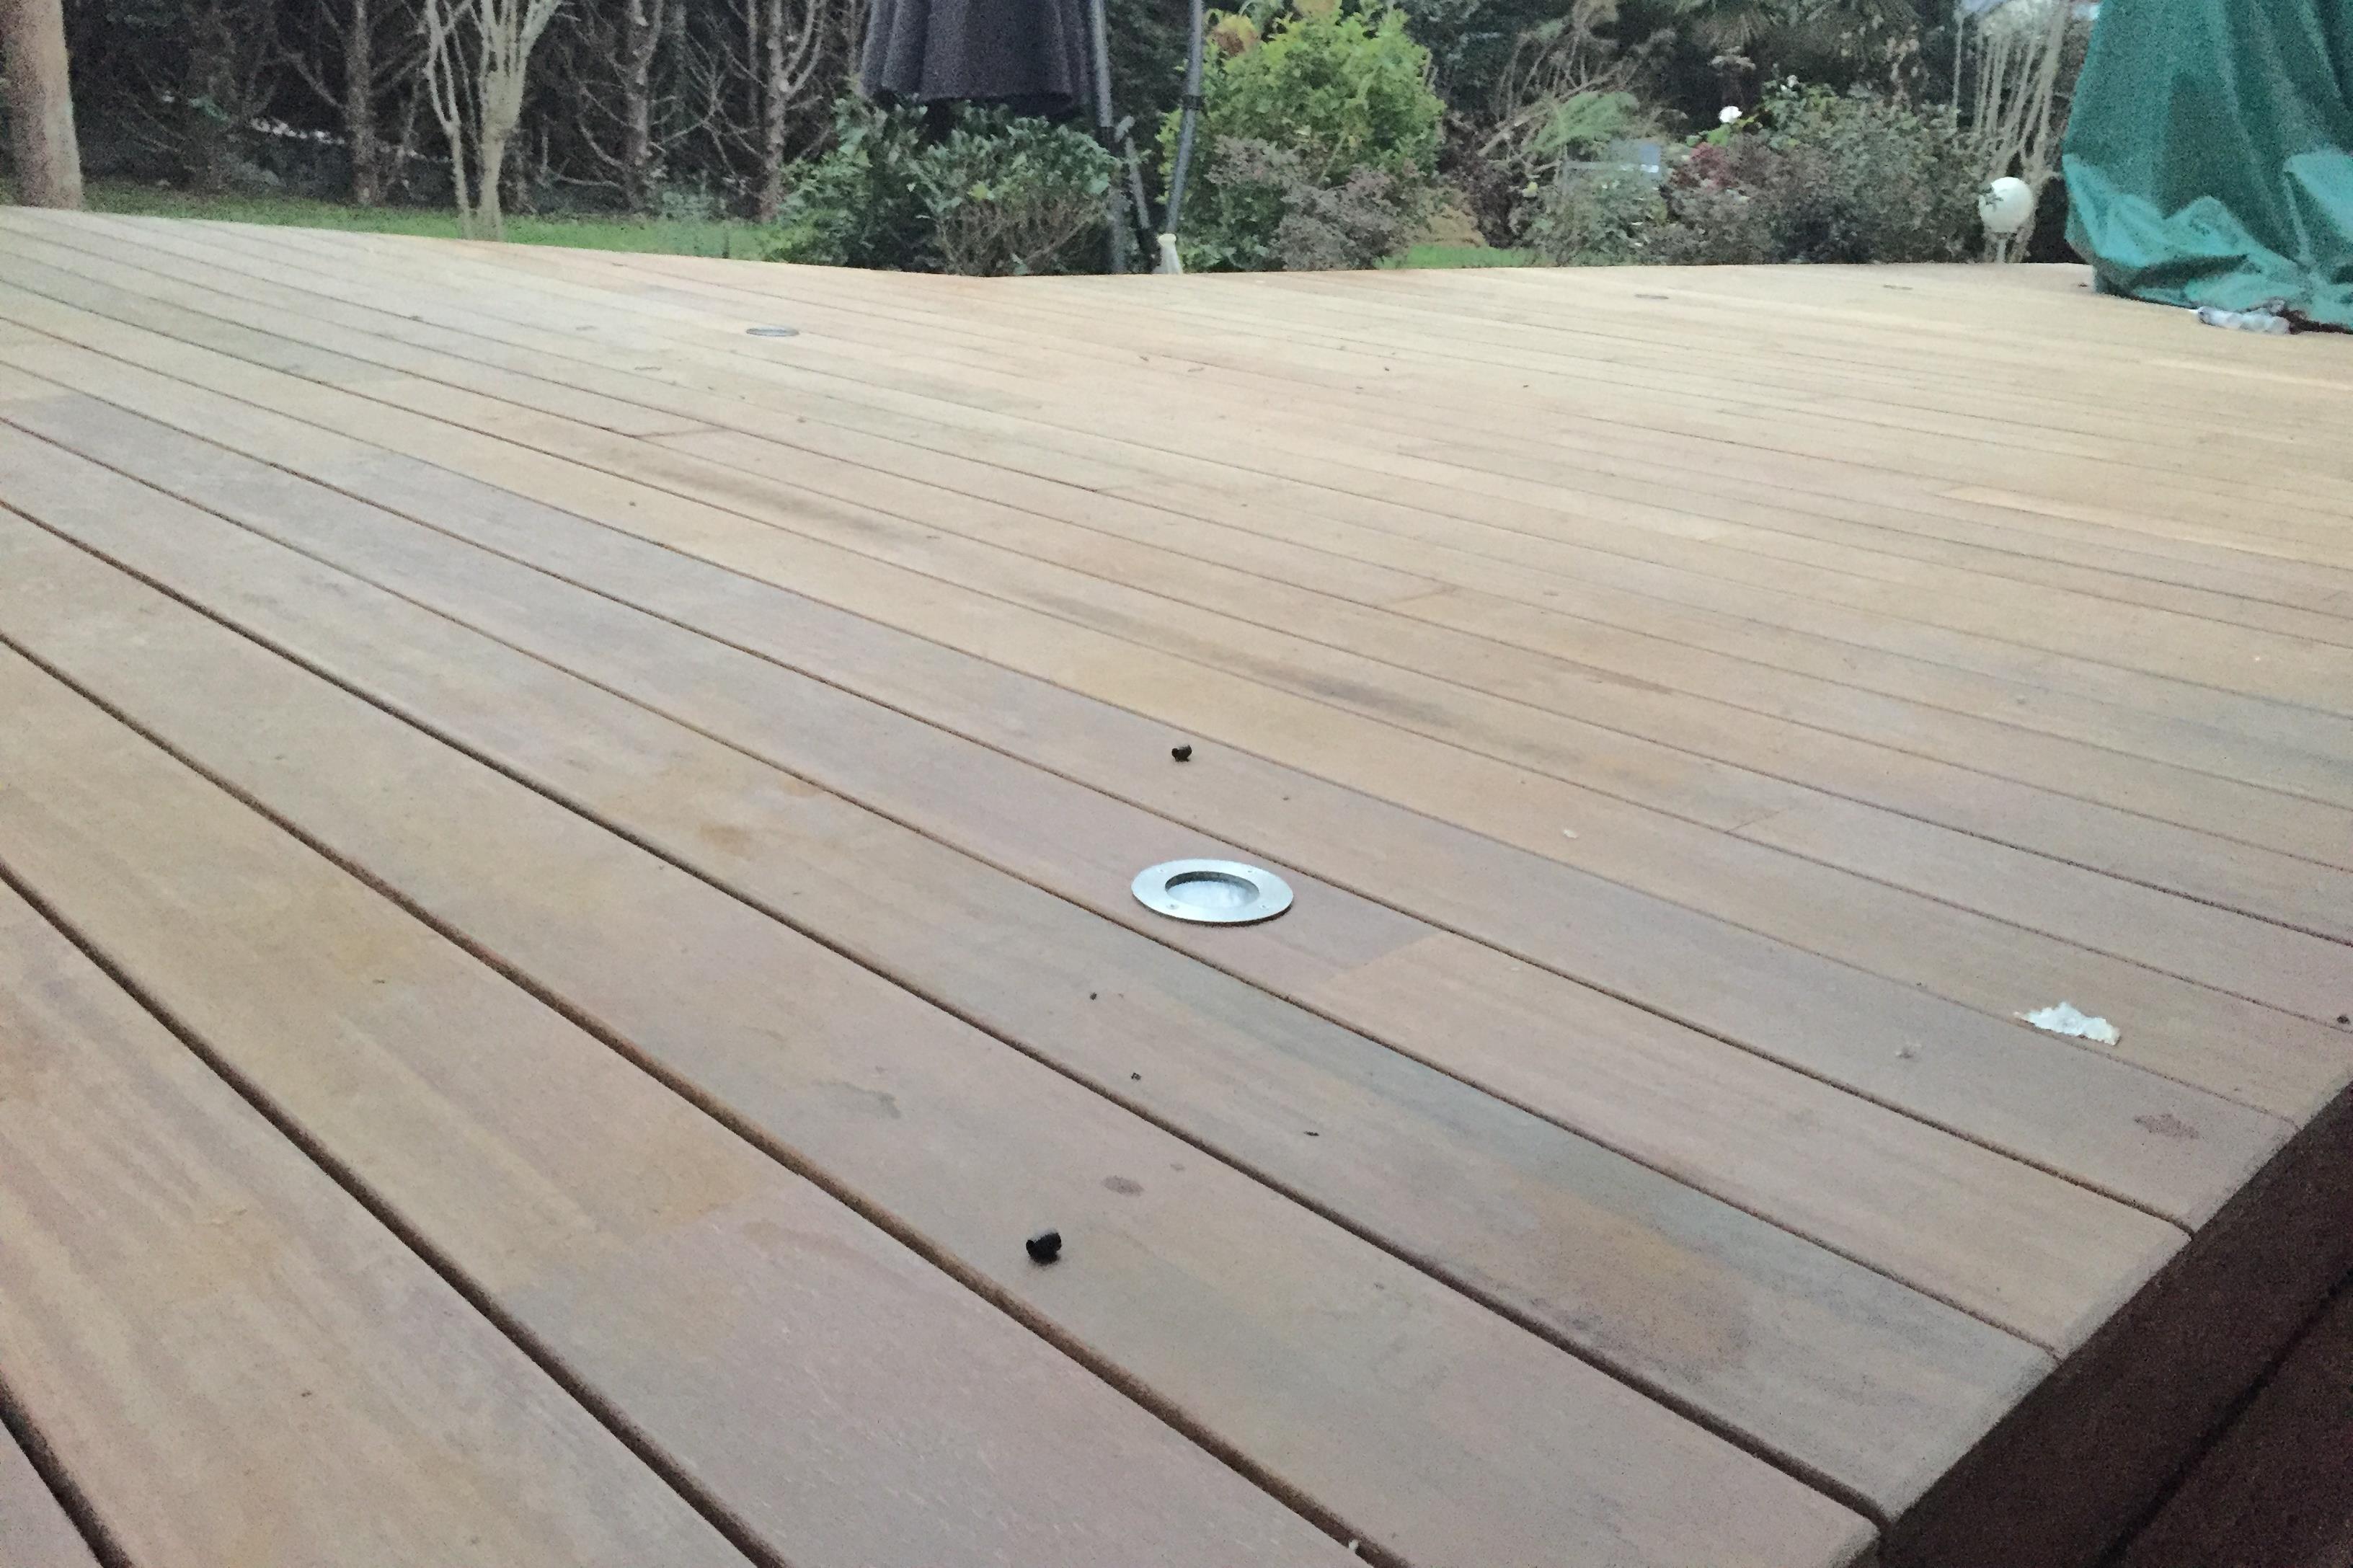 pose terrasse en bois avec spot lumière